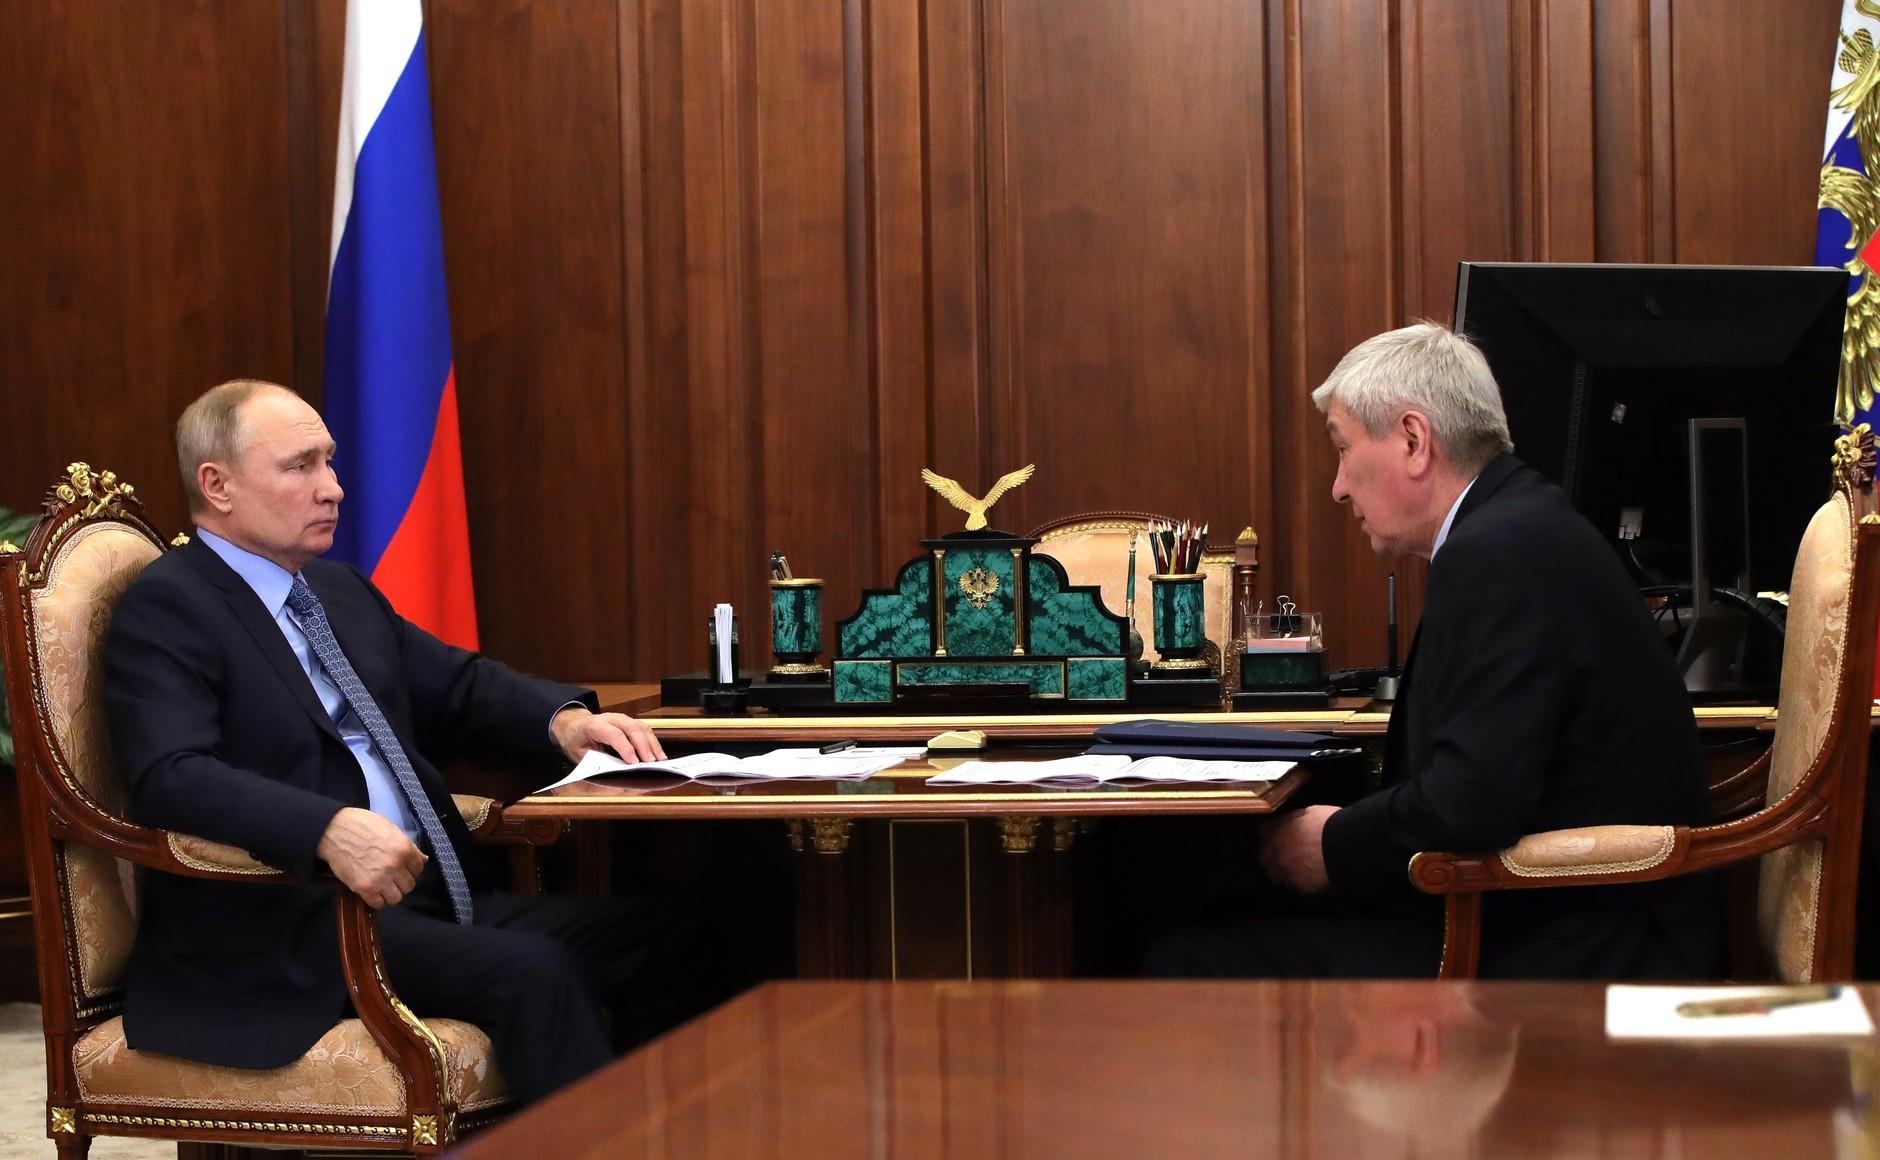 FINANCE SURVEILLEE 1 SUR 3 Rencontre avec le chef du Service fédéral de surveillance financière Yury Chikhanchin 19.02.2021